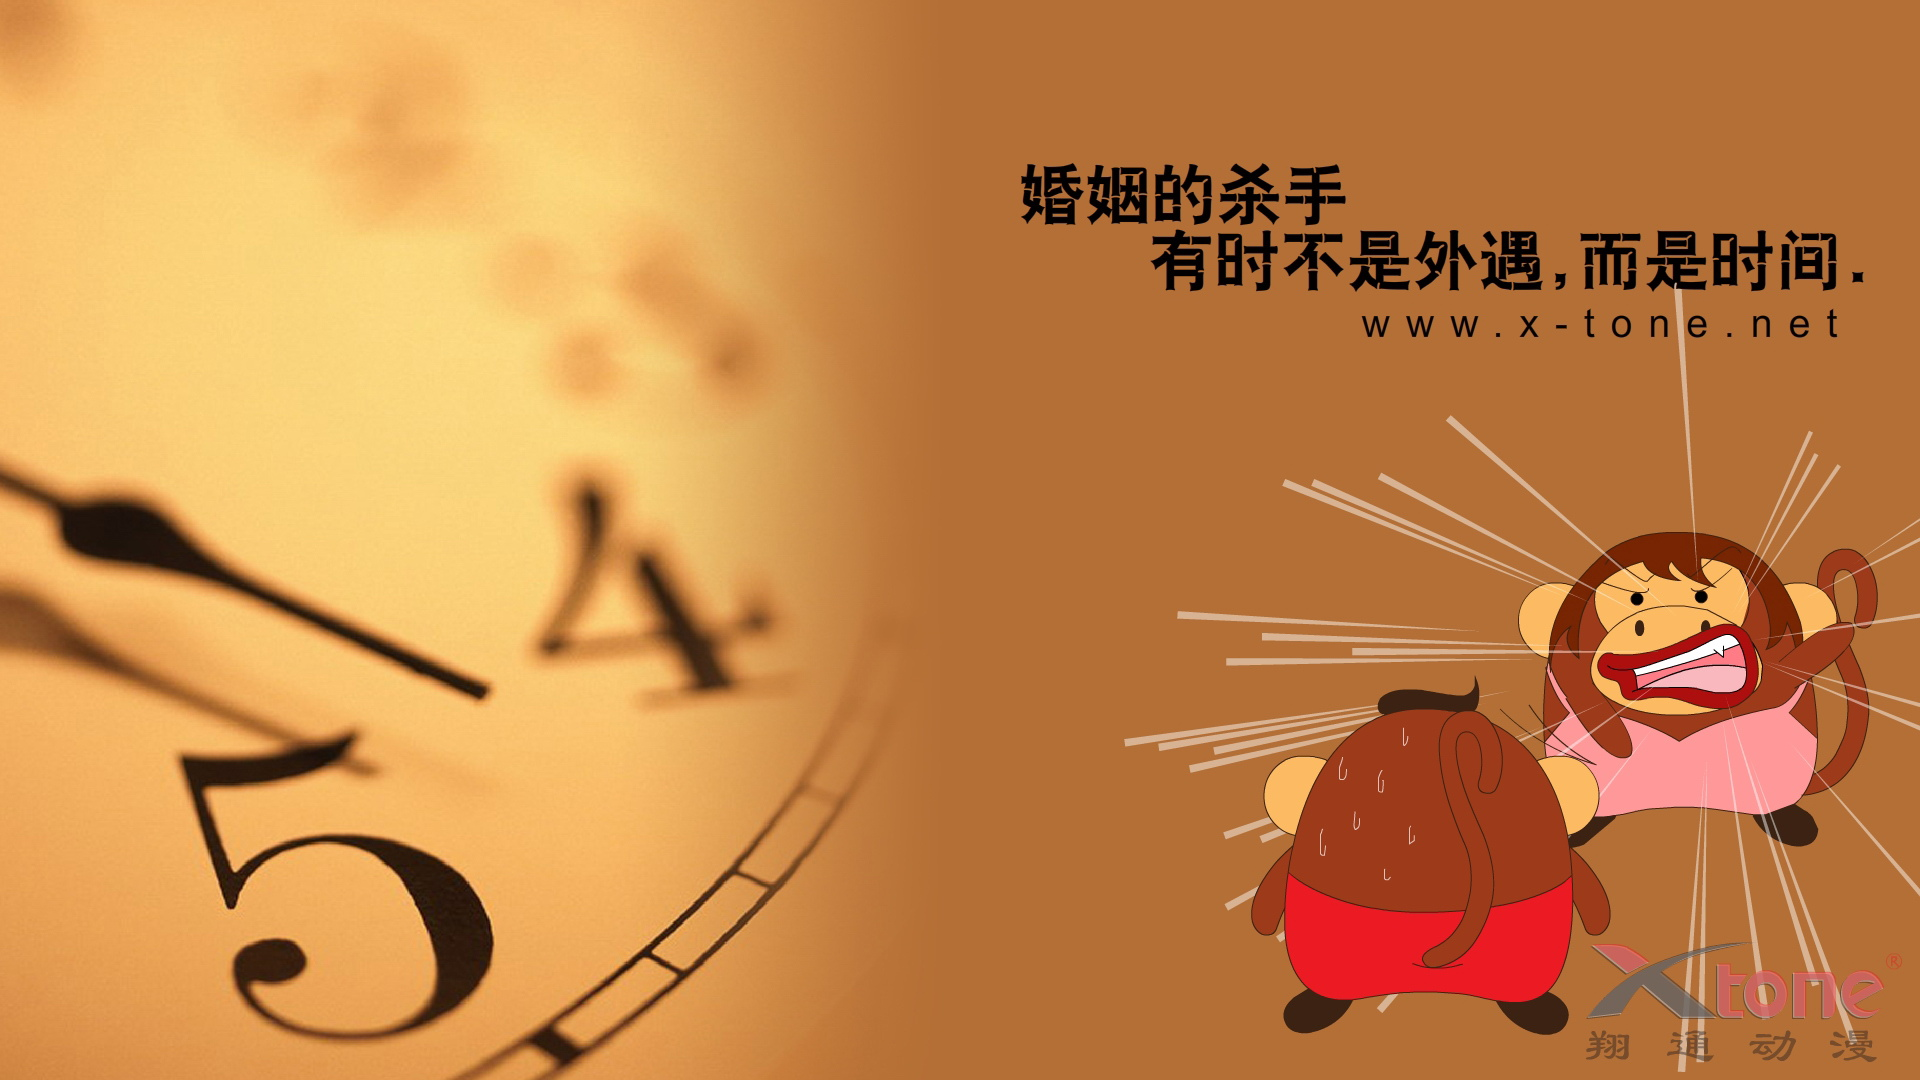 翔通动漫-童年雪糕(1920x1080) 壁纸